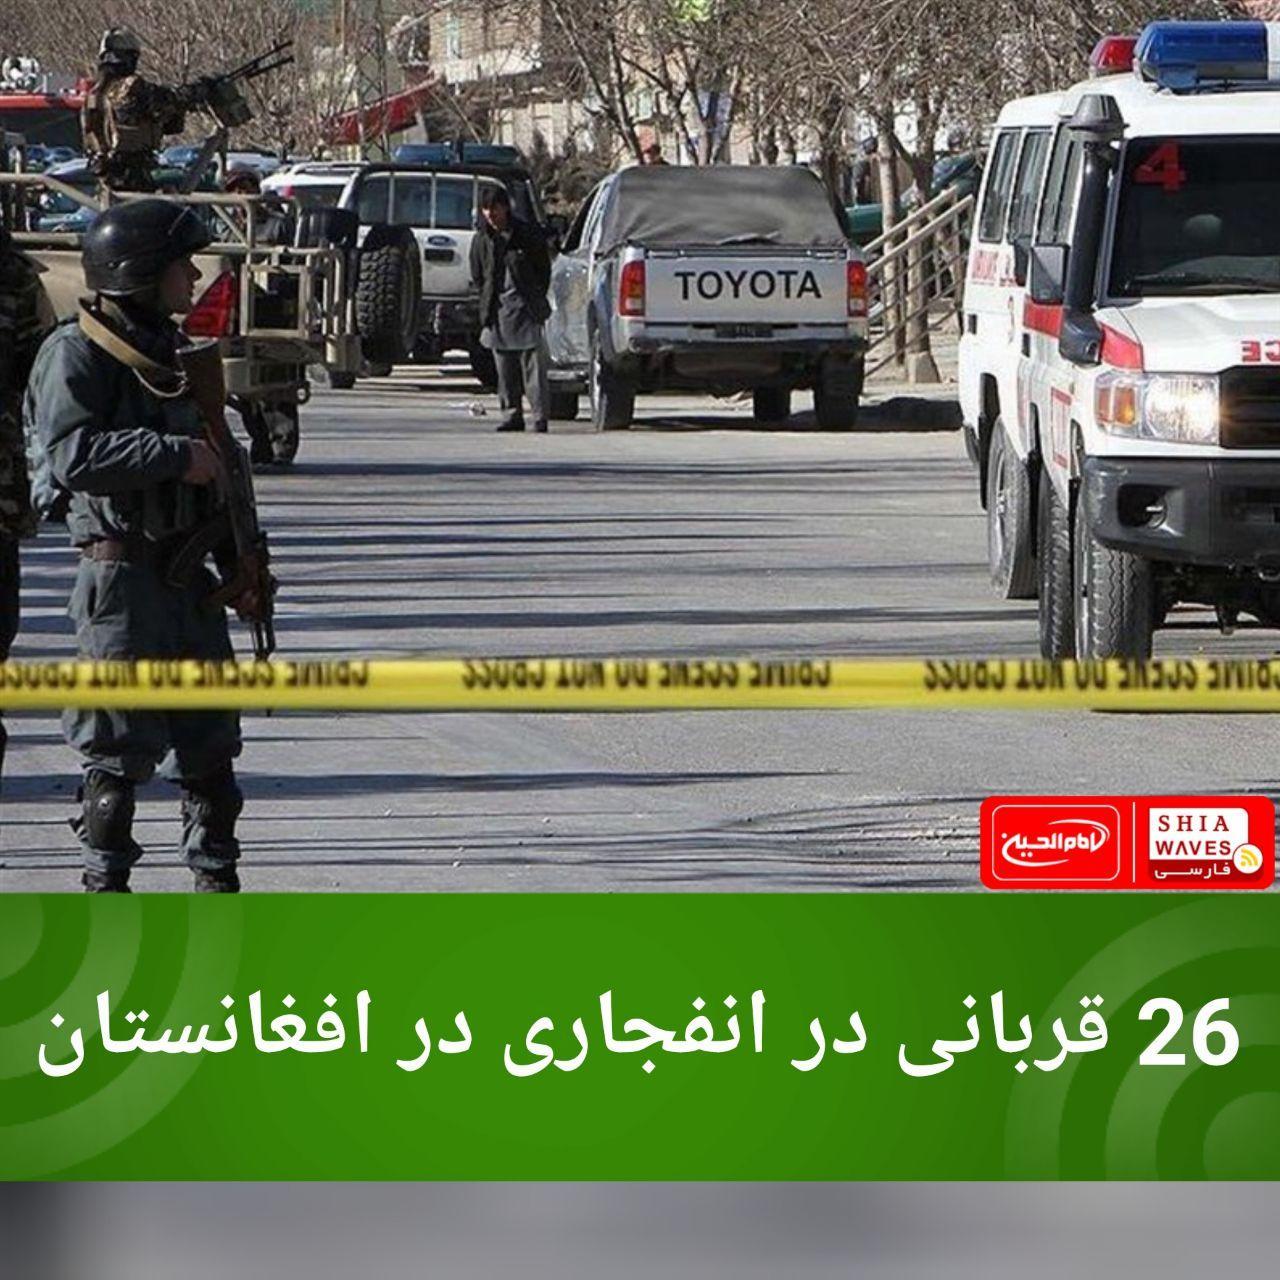 تصویر 26 قربانی در انفجاری در افغانستان